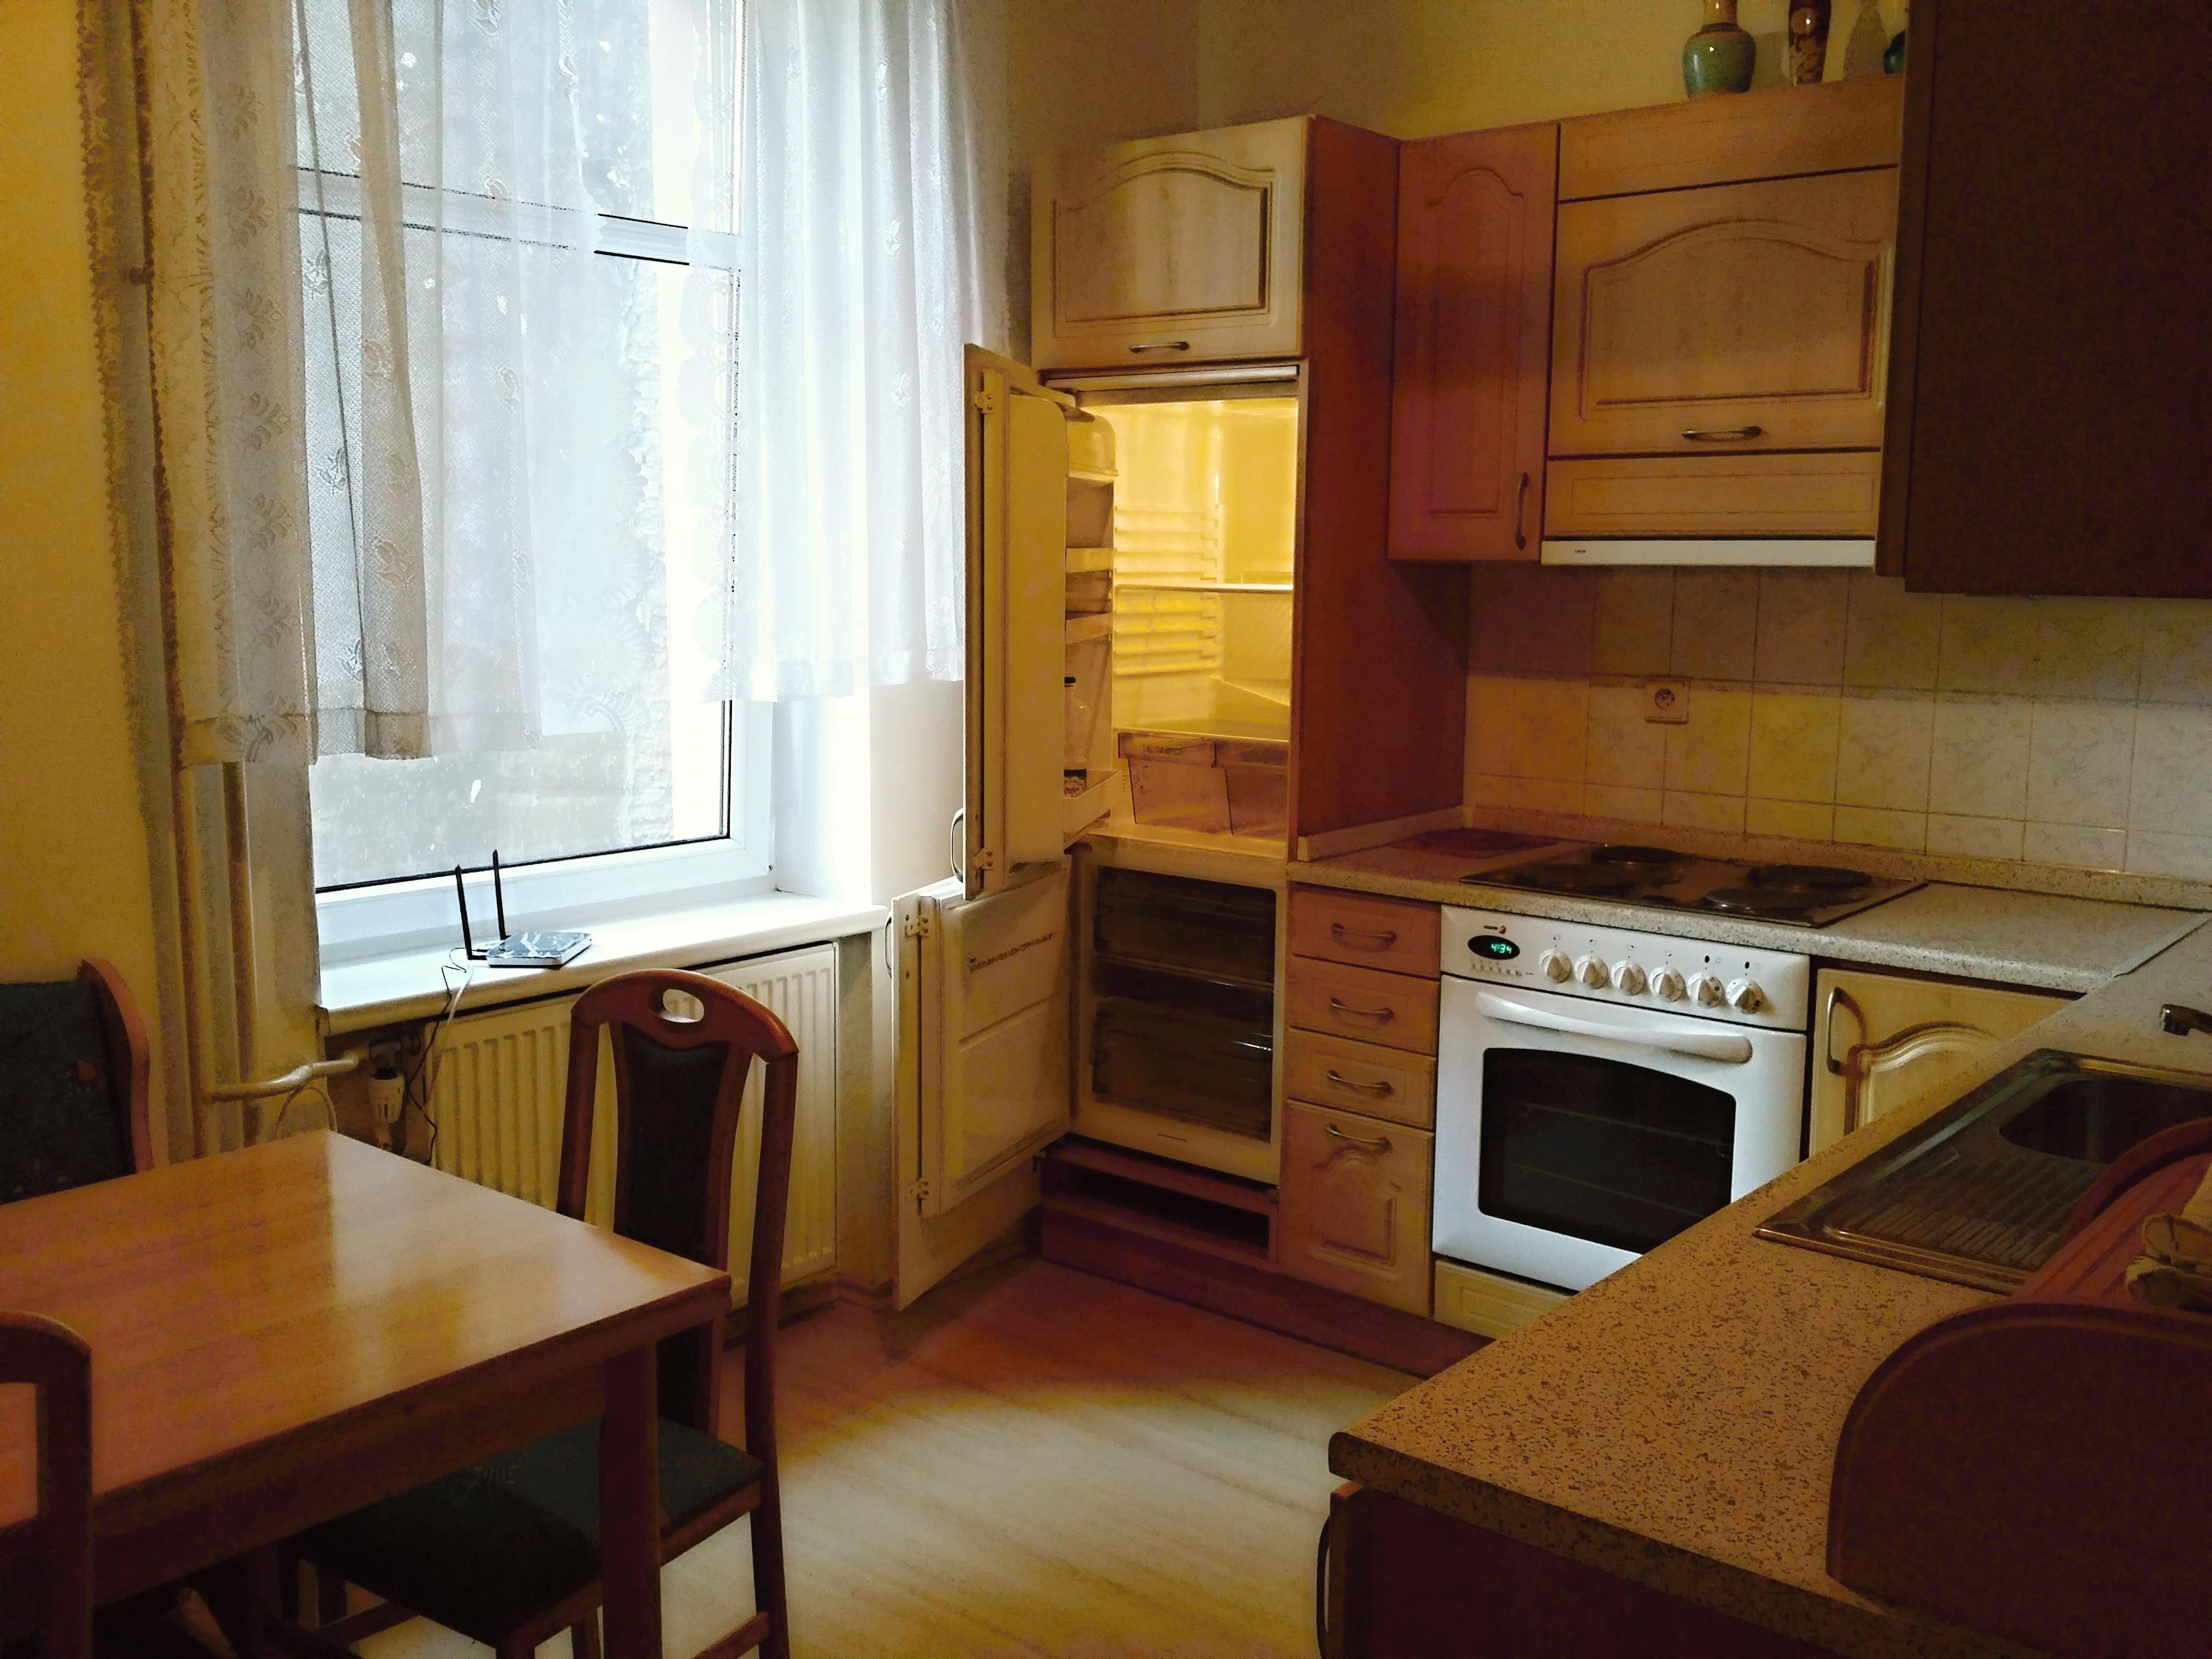 apartments Karlovy Vary 6.jpg